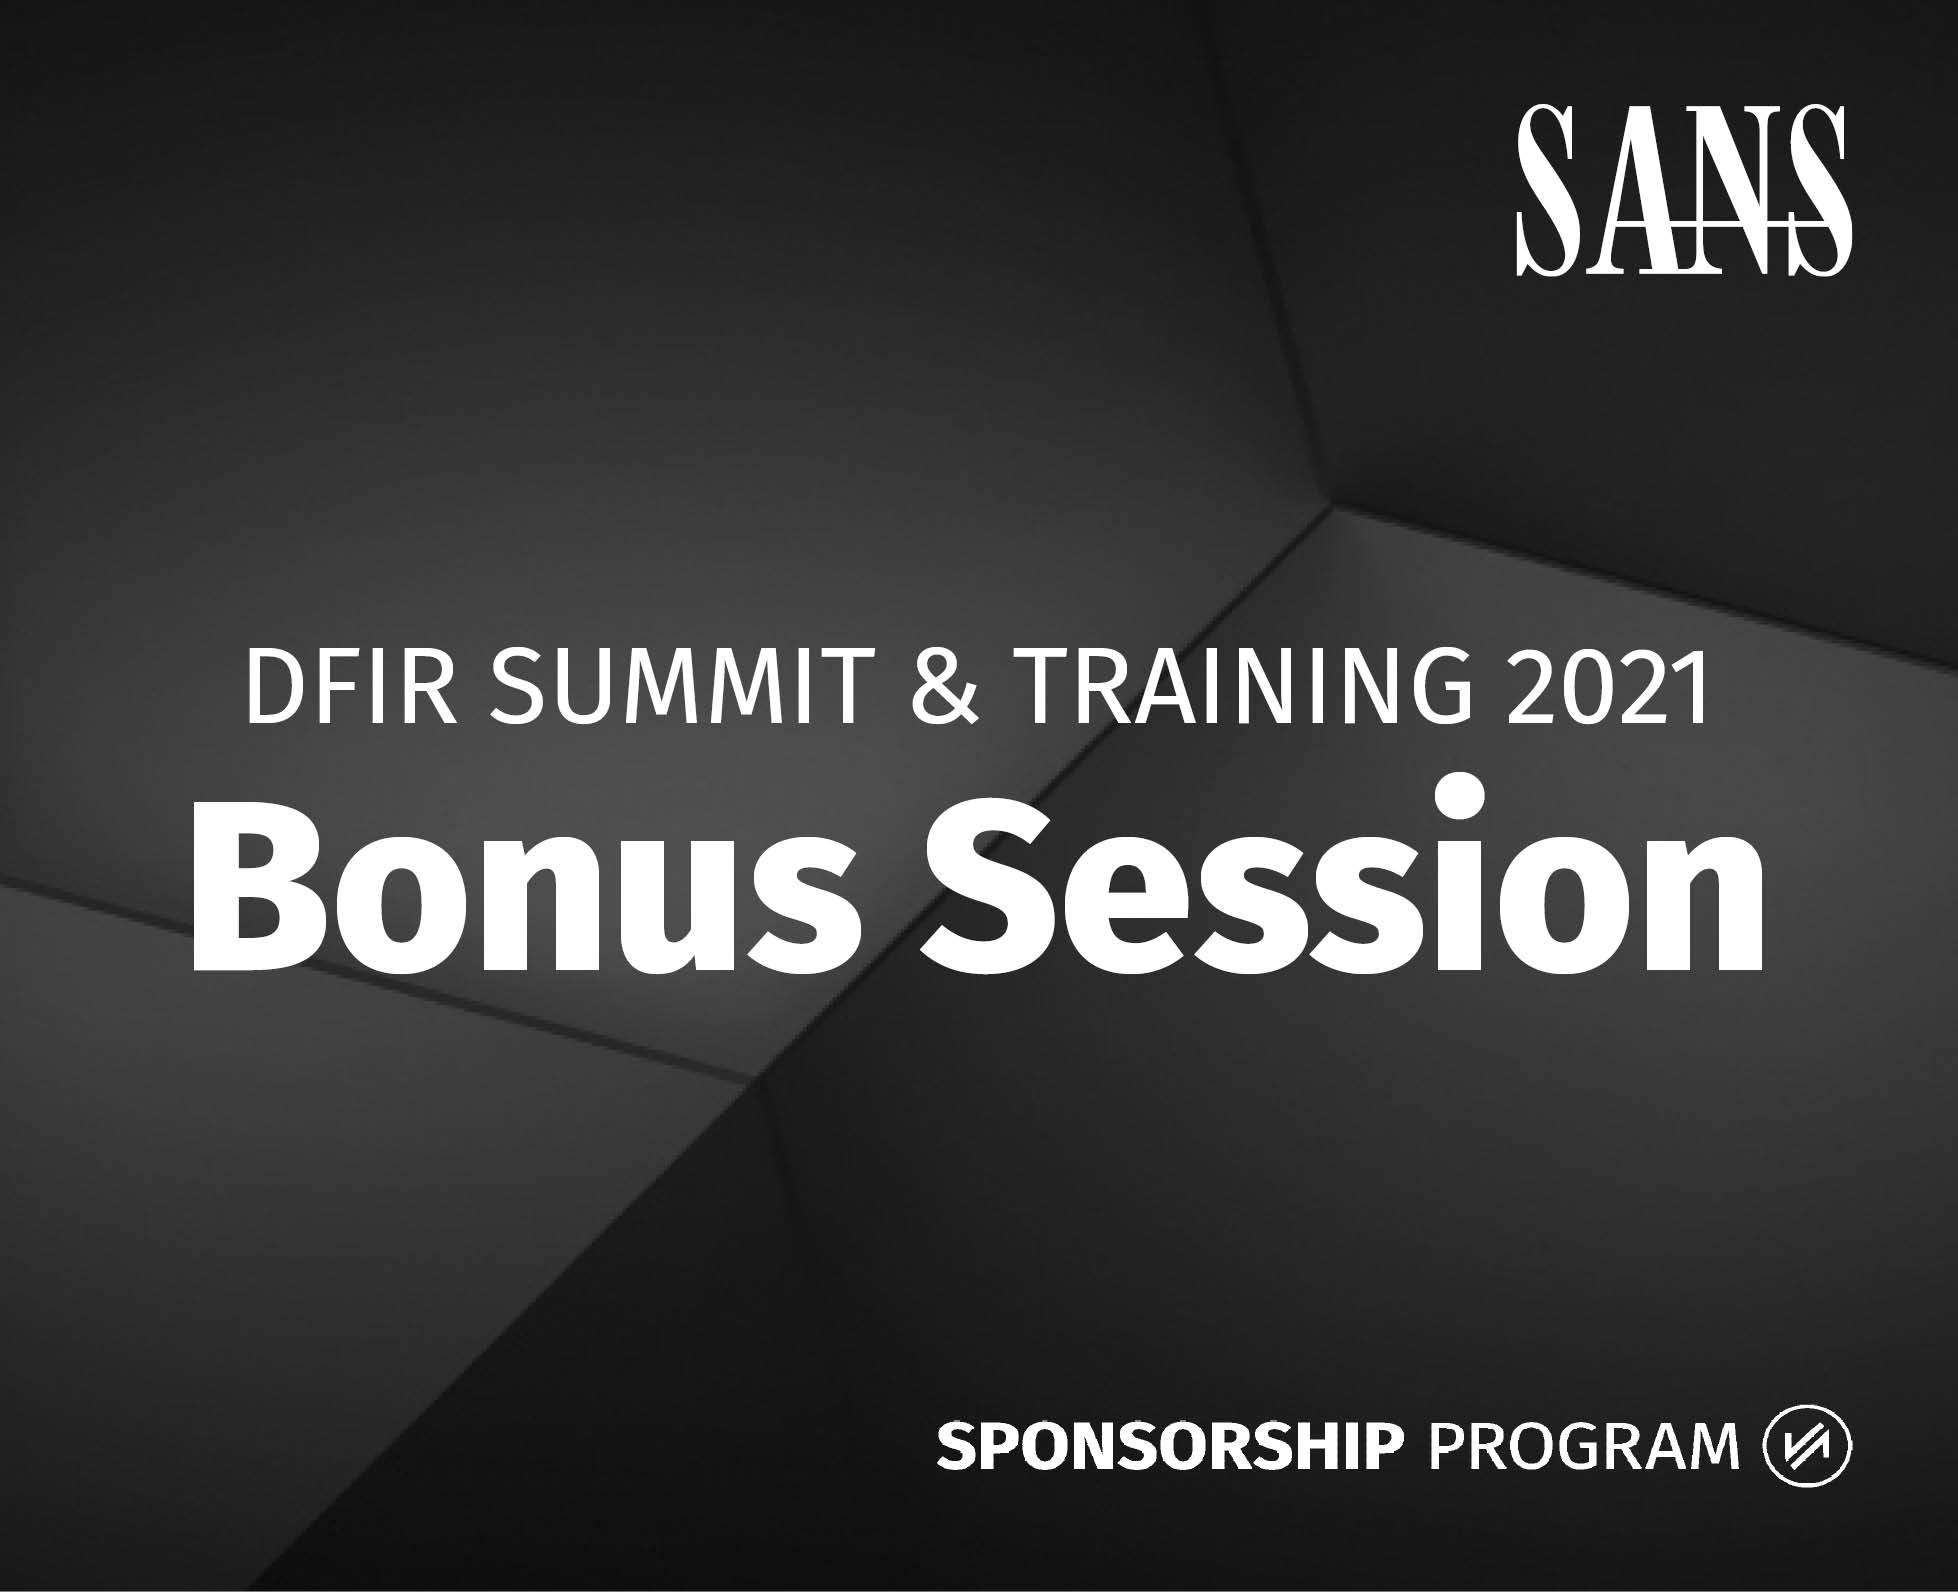 DFIR_Summit_Bonus_Session_-_Webcast_Reg_Page.jpg